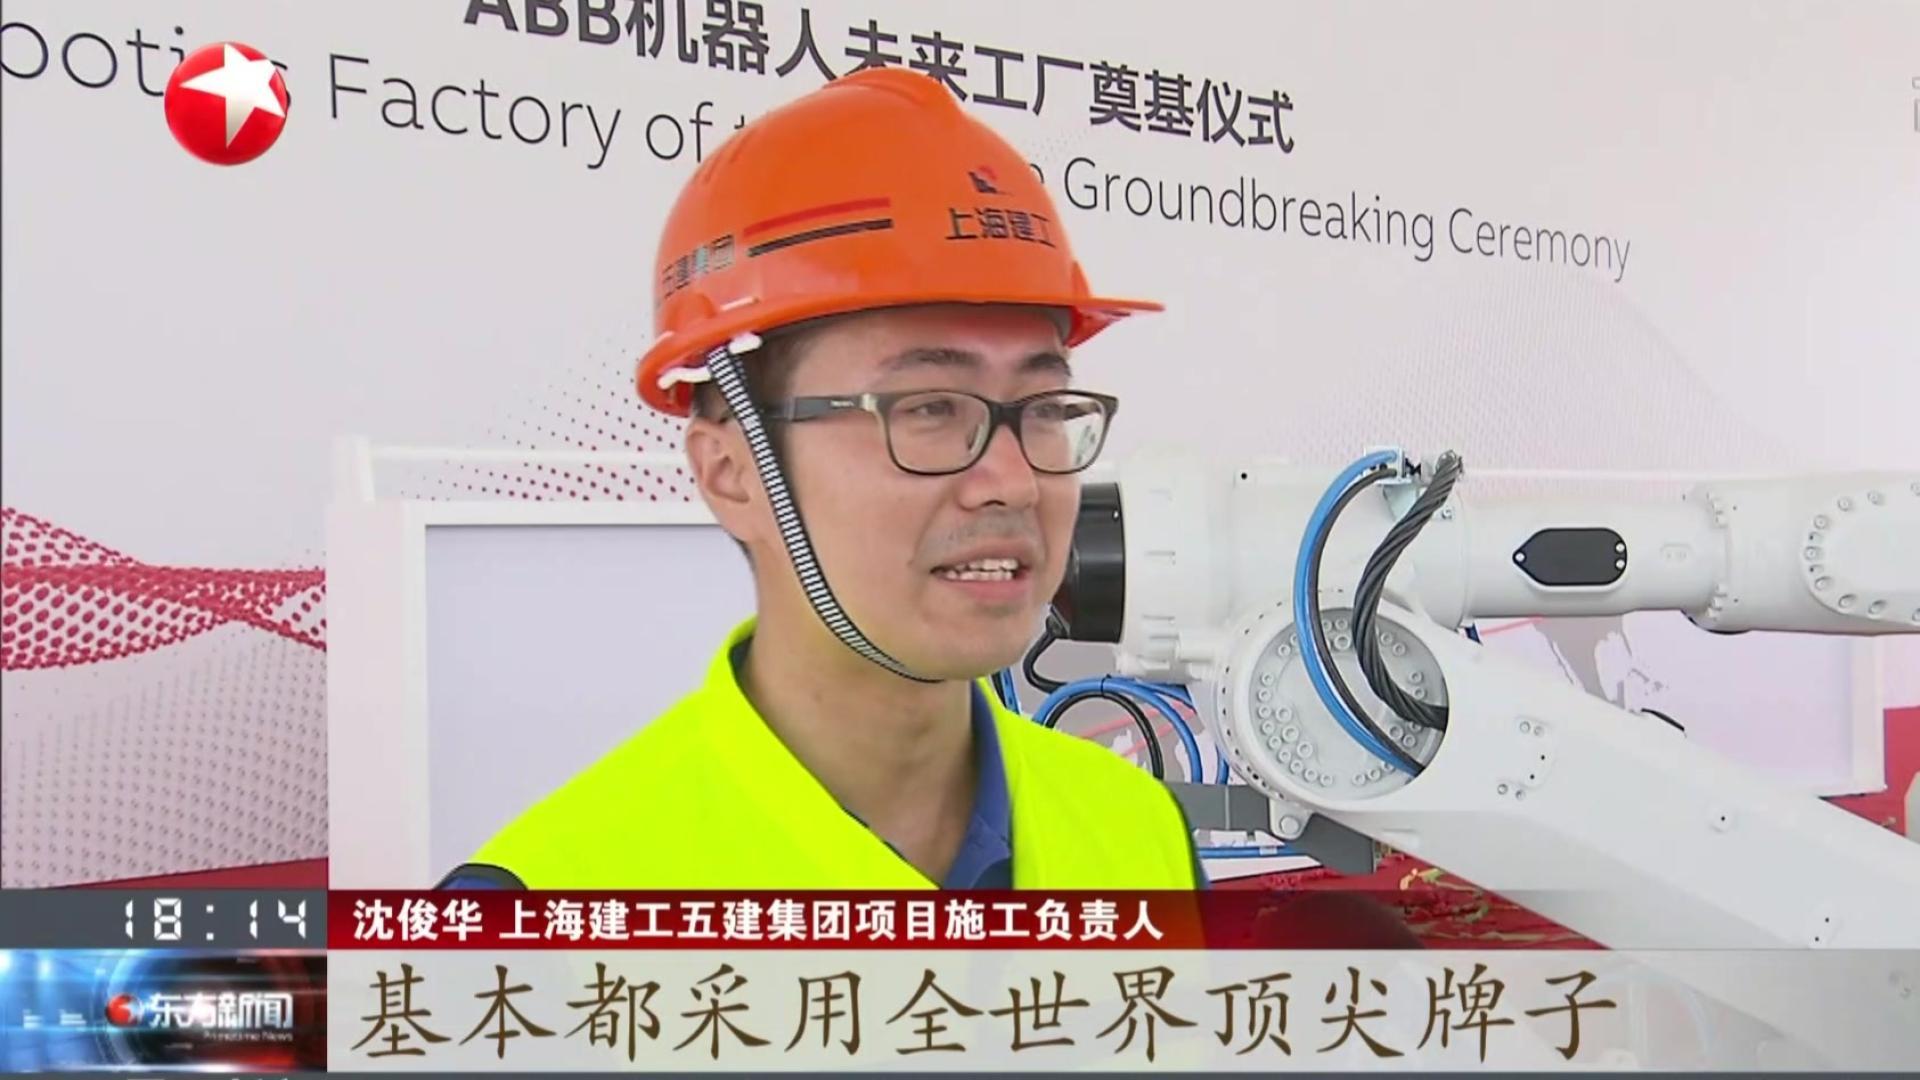 上海:ABB全球最大机器人生产基地动工  预计2021年投入运营